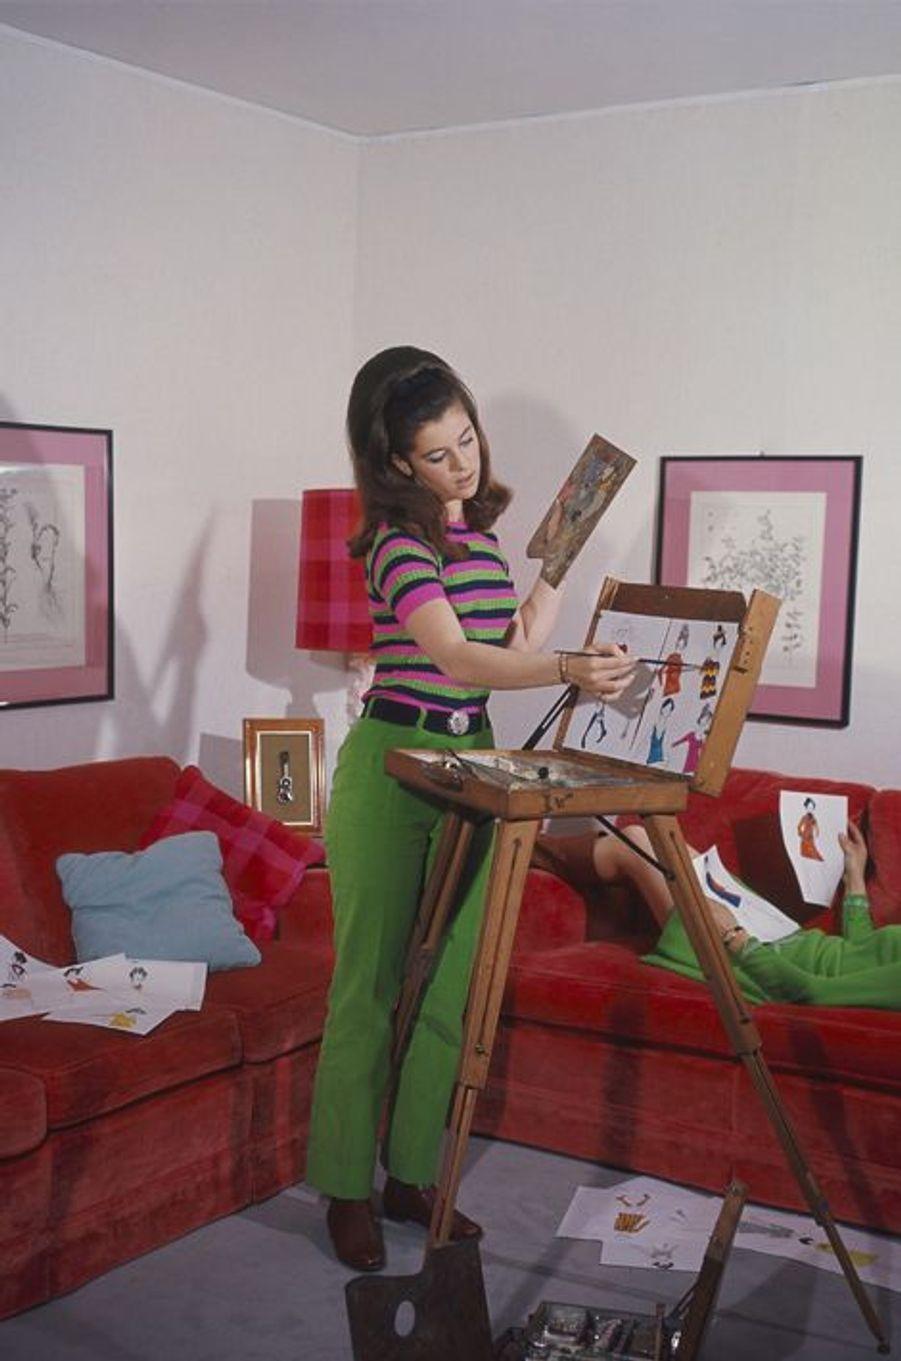 Séance de peinture dans le salon de son appartement de la Porte d'Italie, à Paris, en 1967